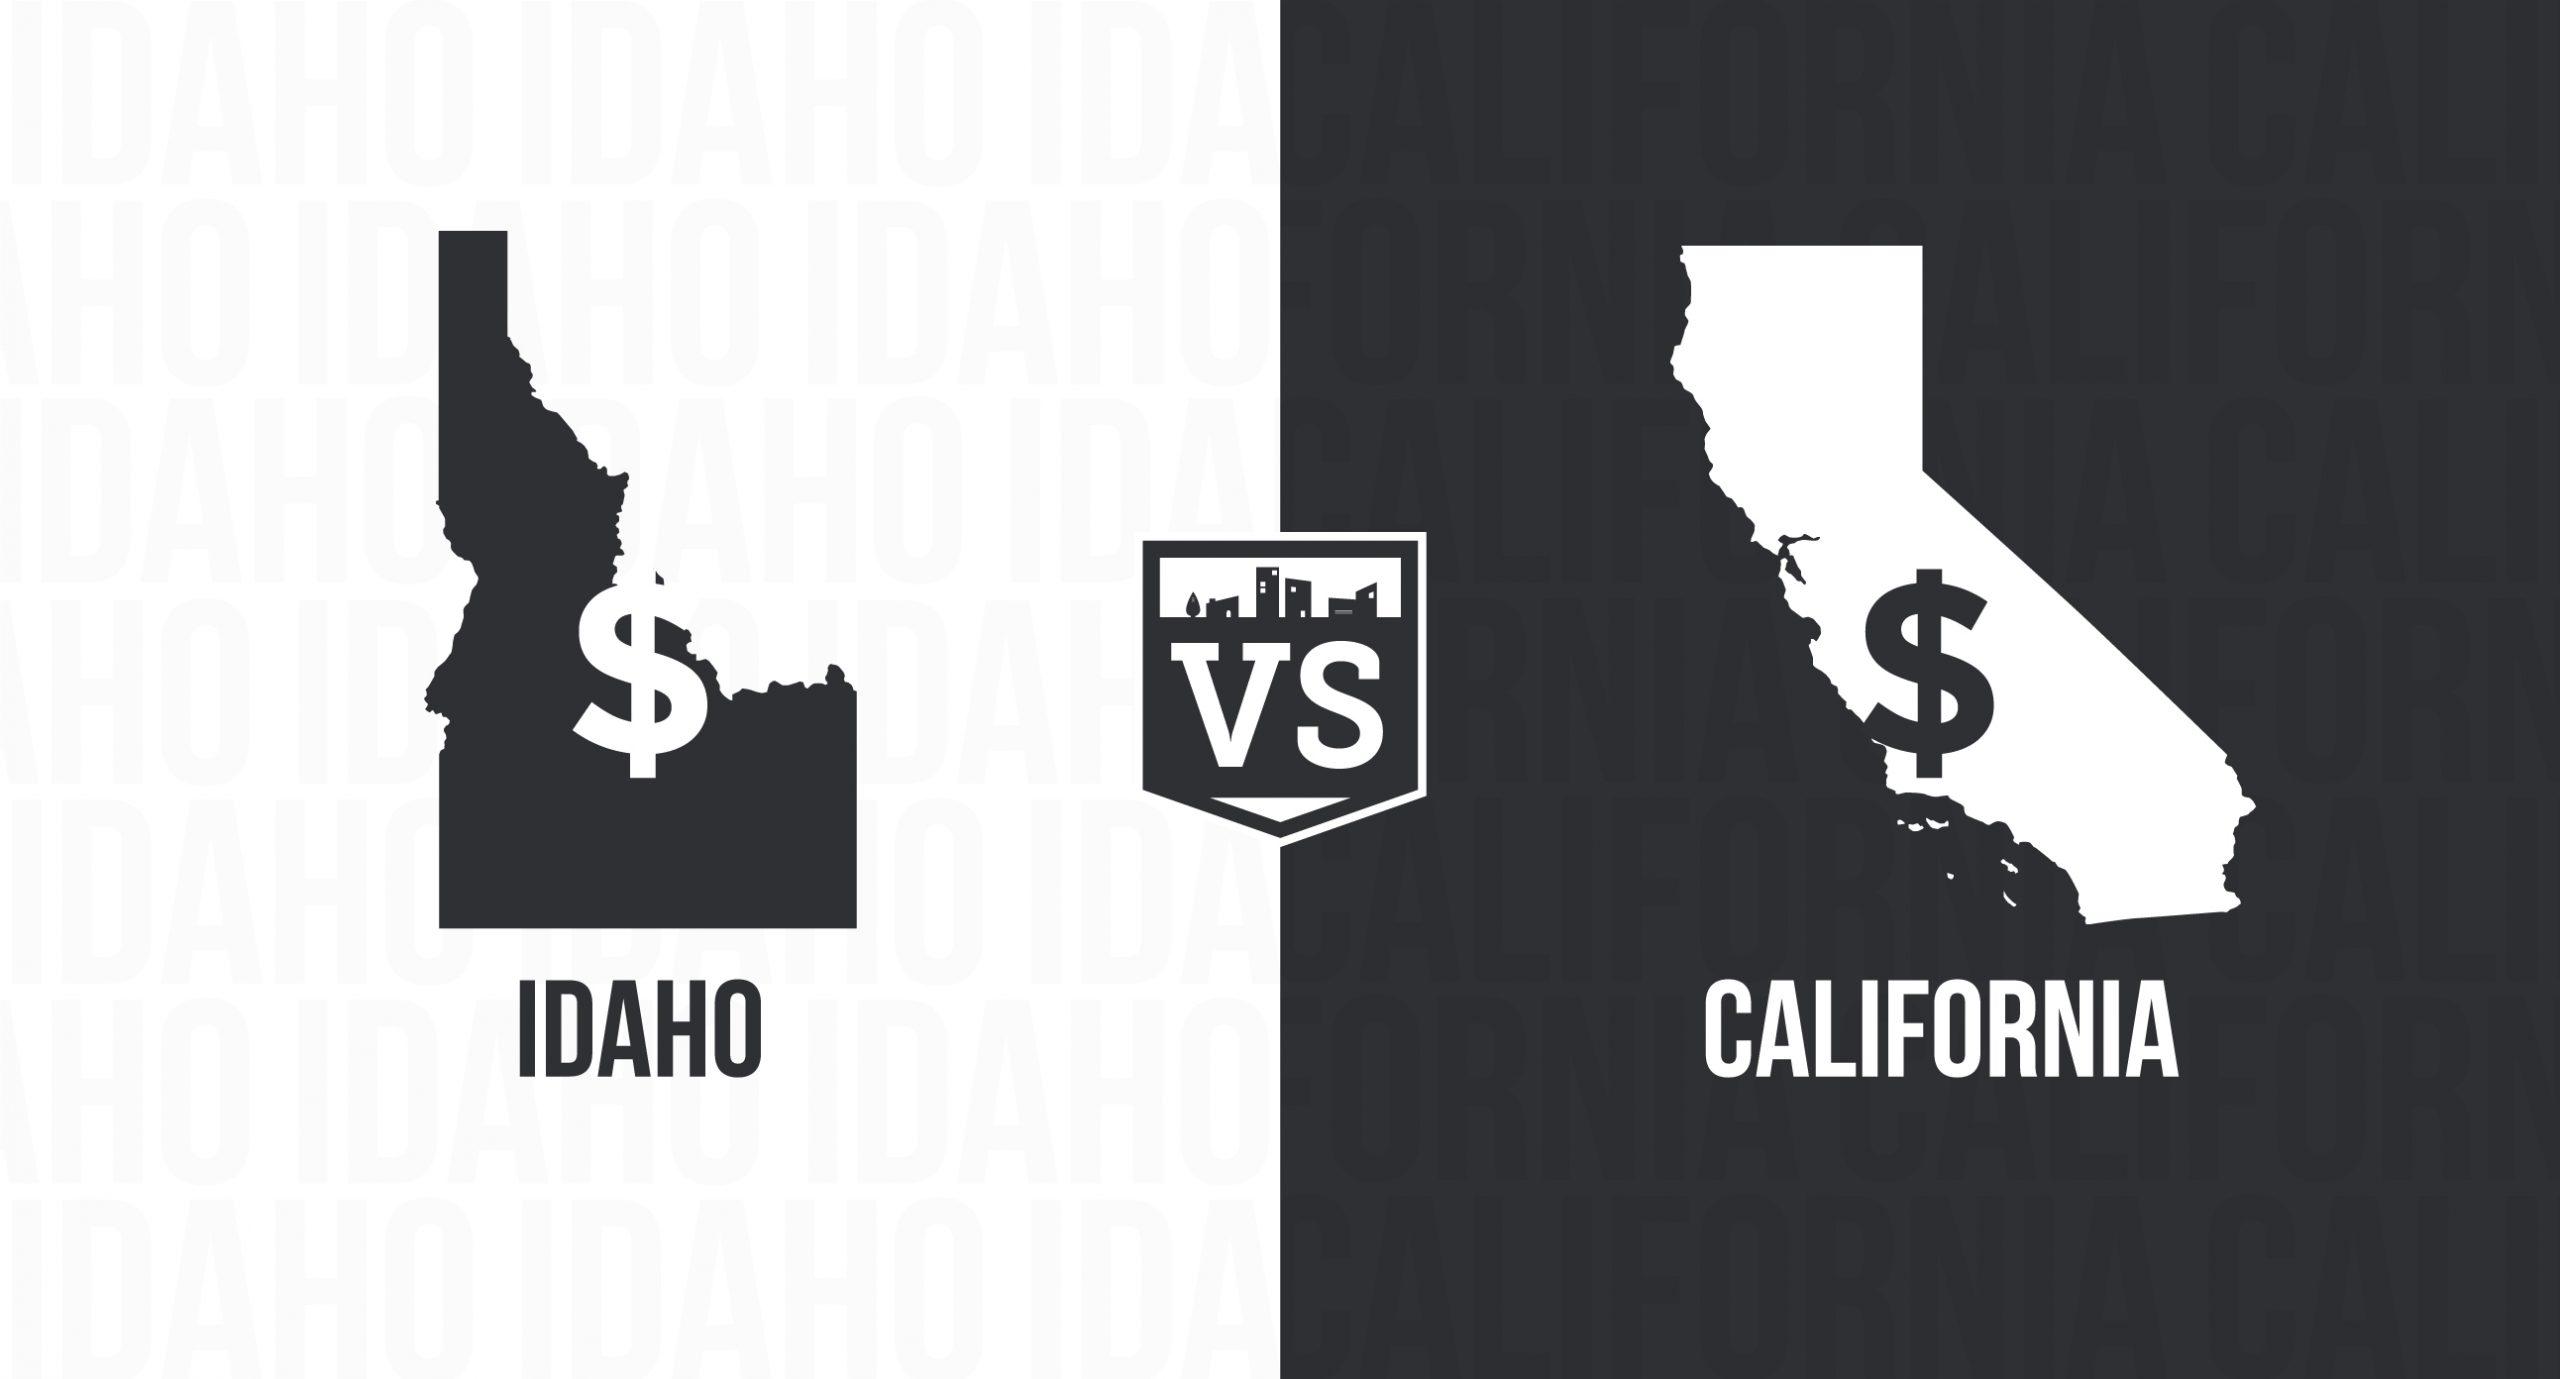 California vs Idaho